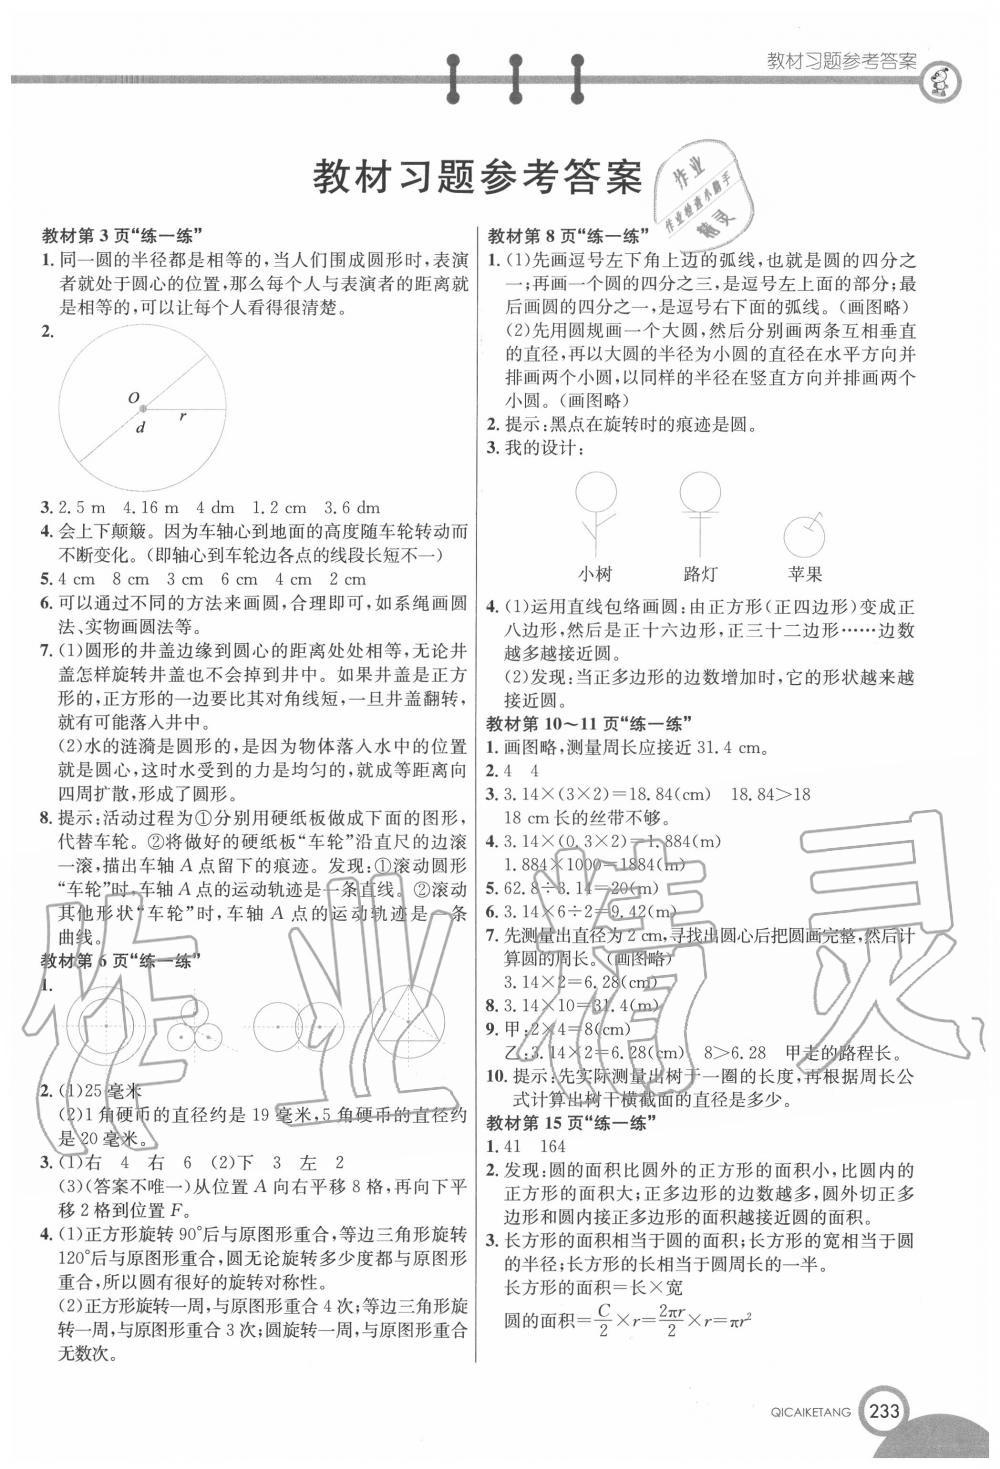 2020年教材課本六年級數學上冊北師大版第1頁